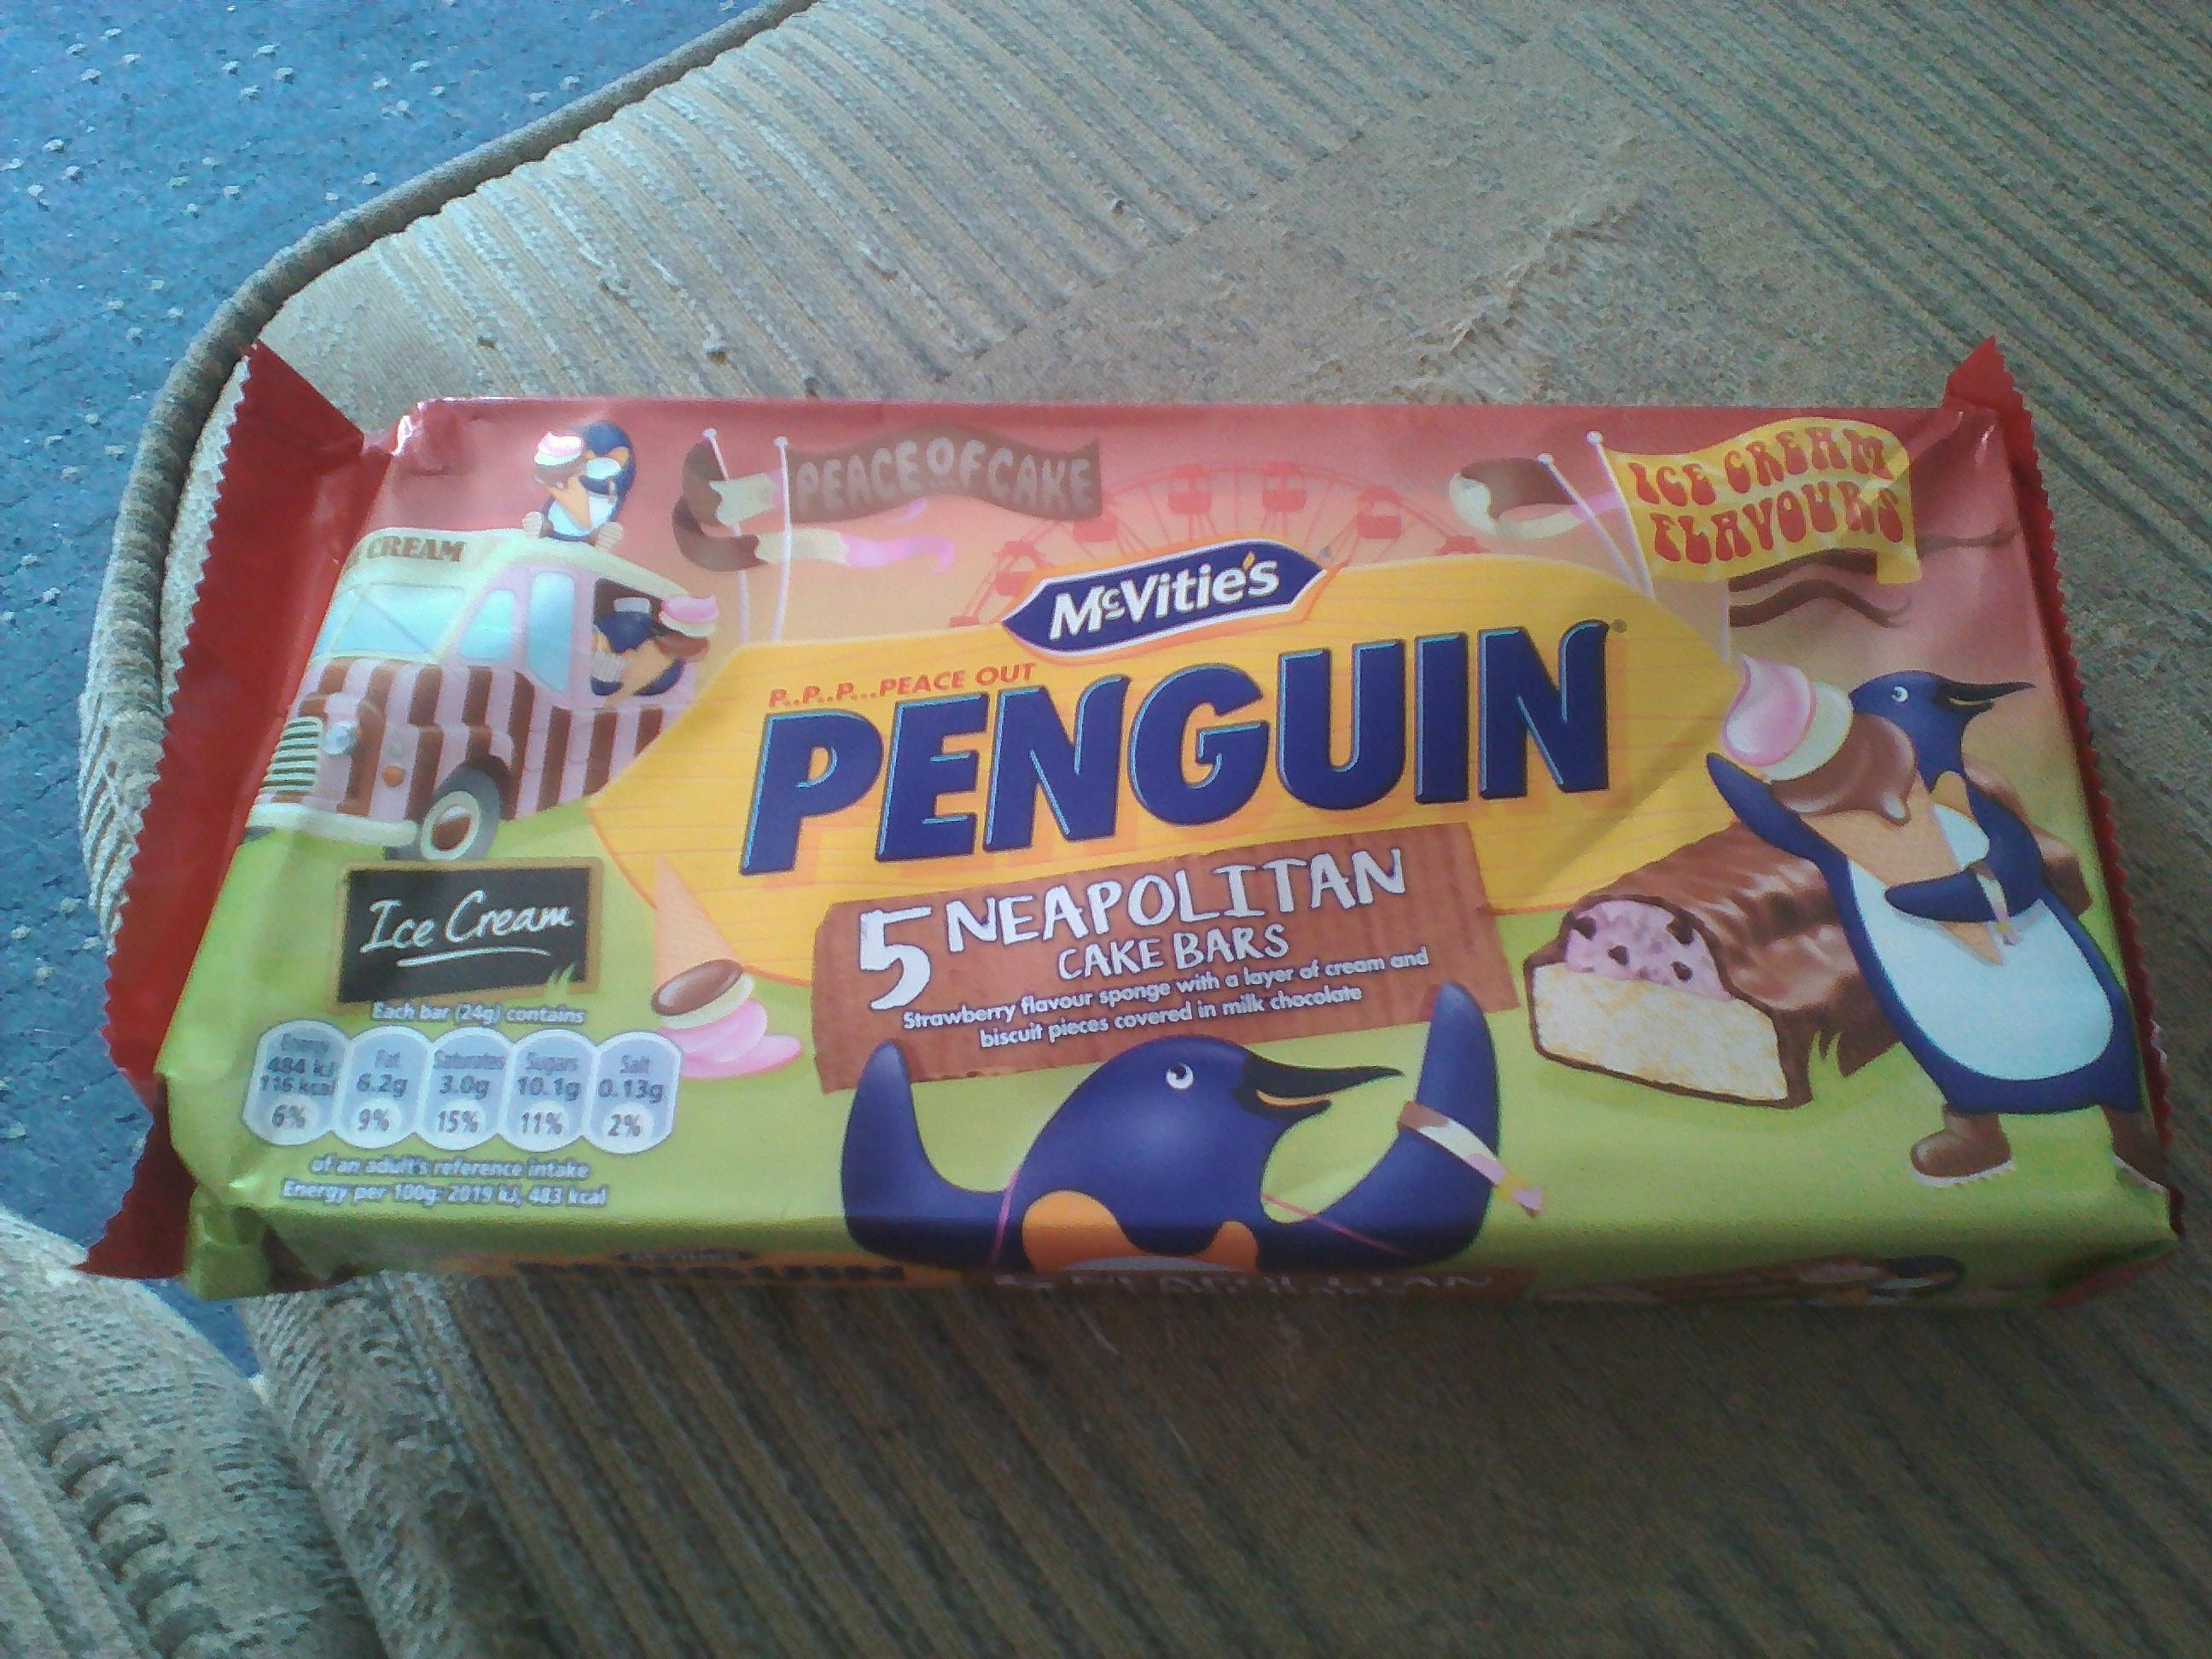 McVities Penguin Neapolitian Cake Bars 5 pack-2 packs for £1 at Heron Foods.